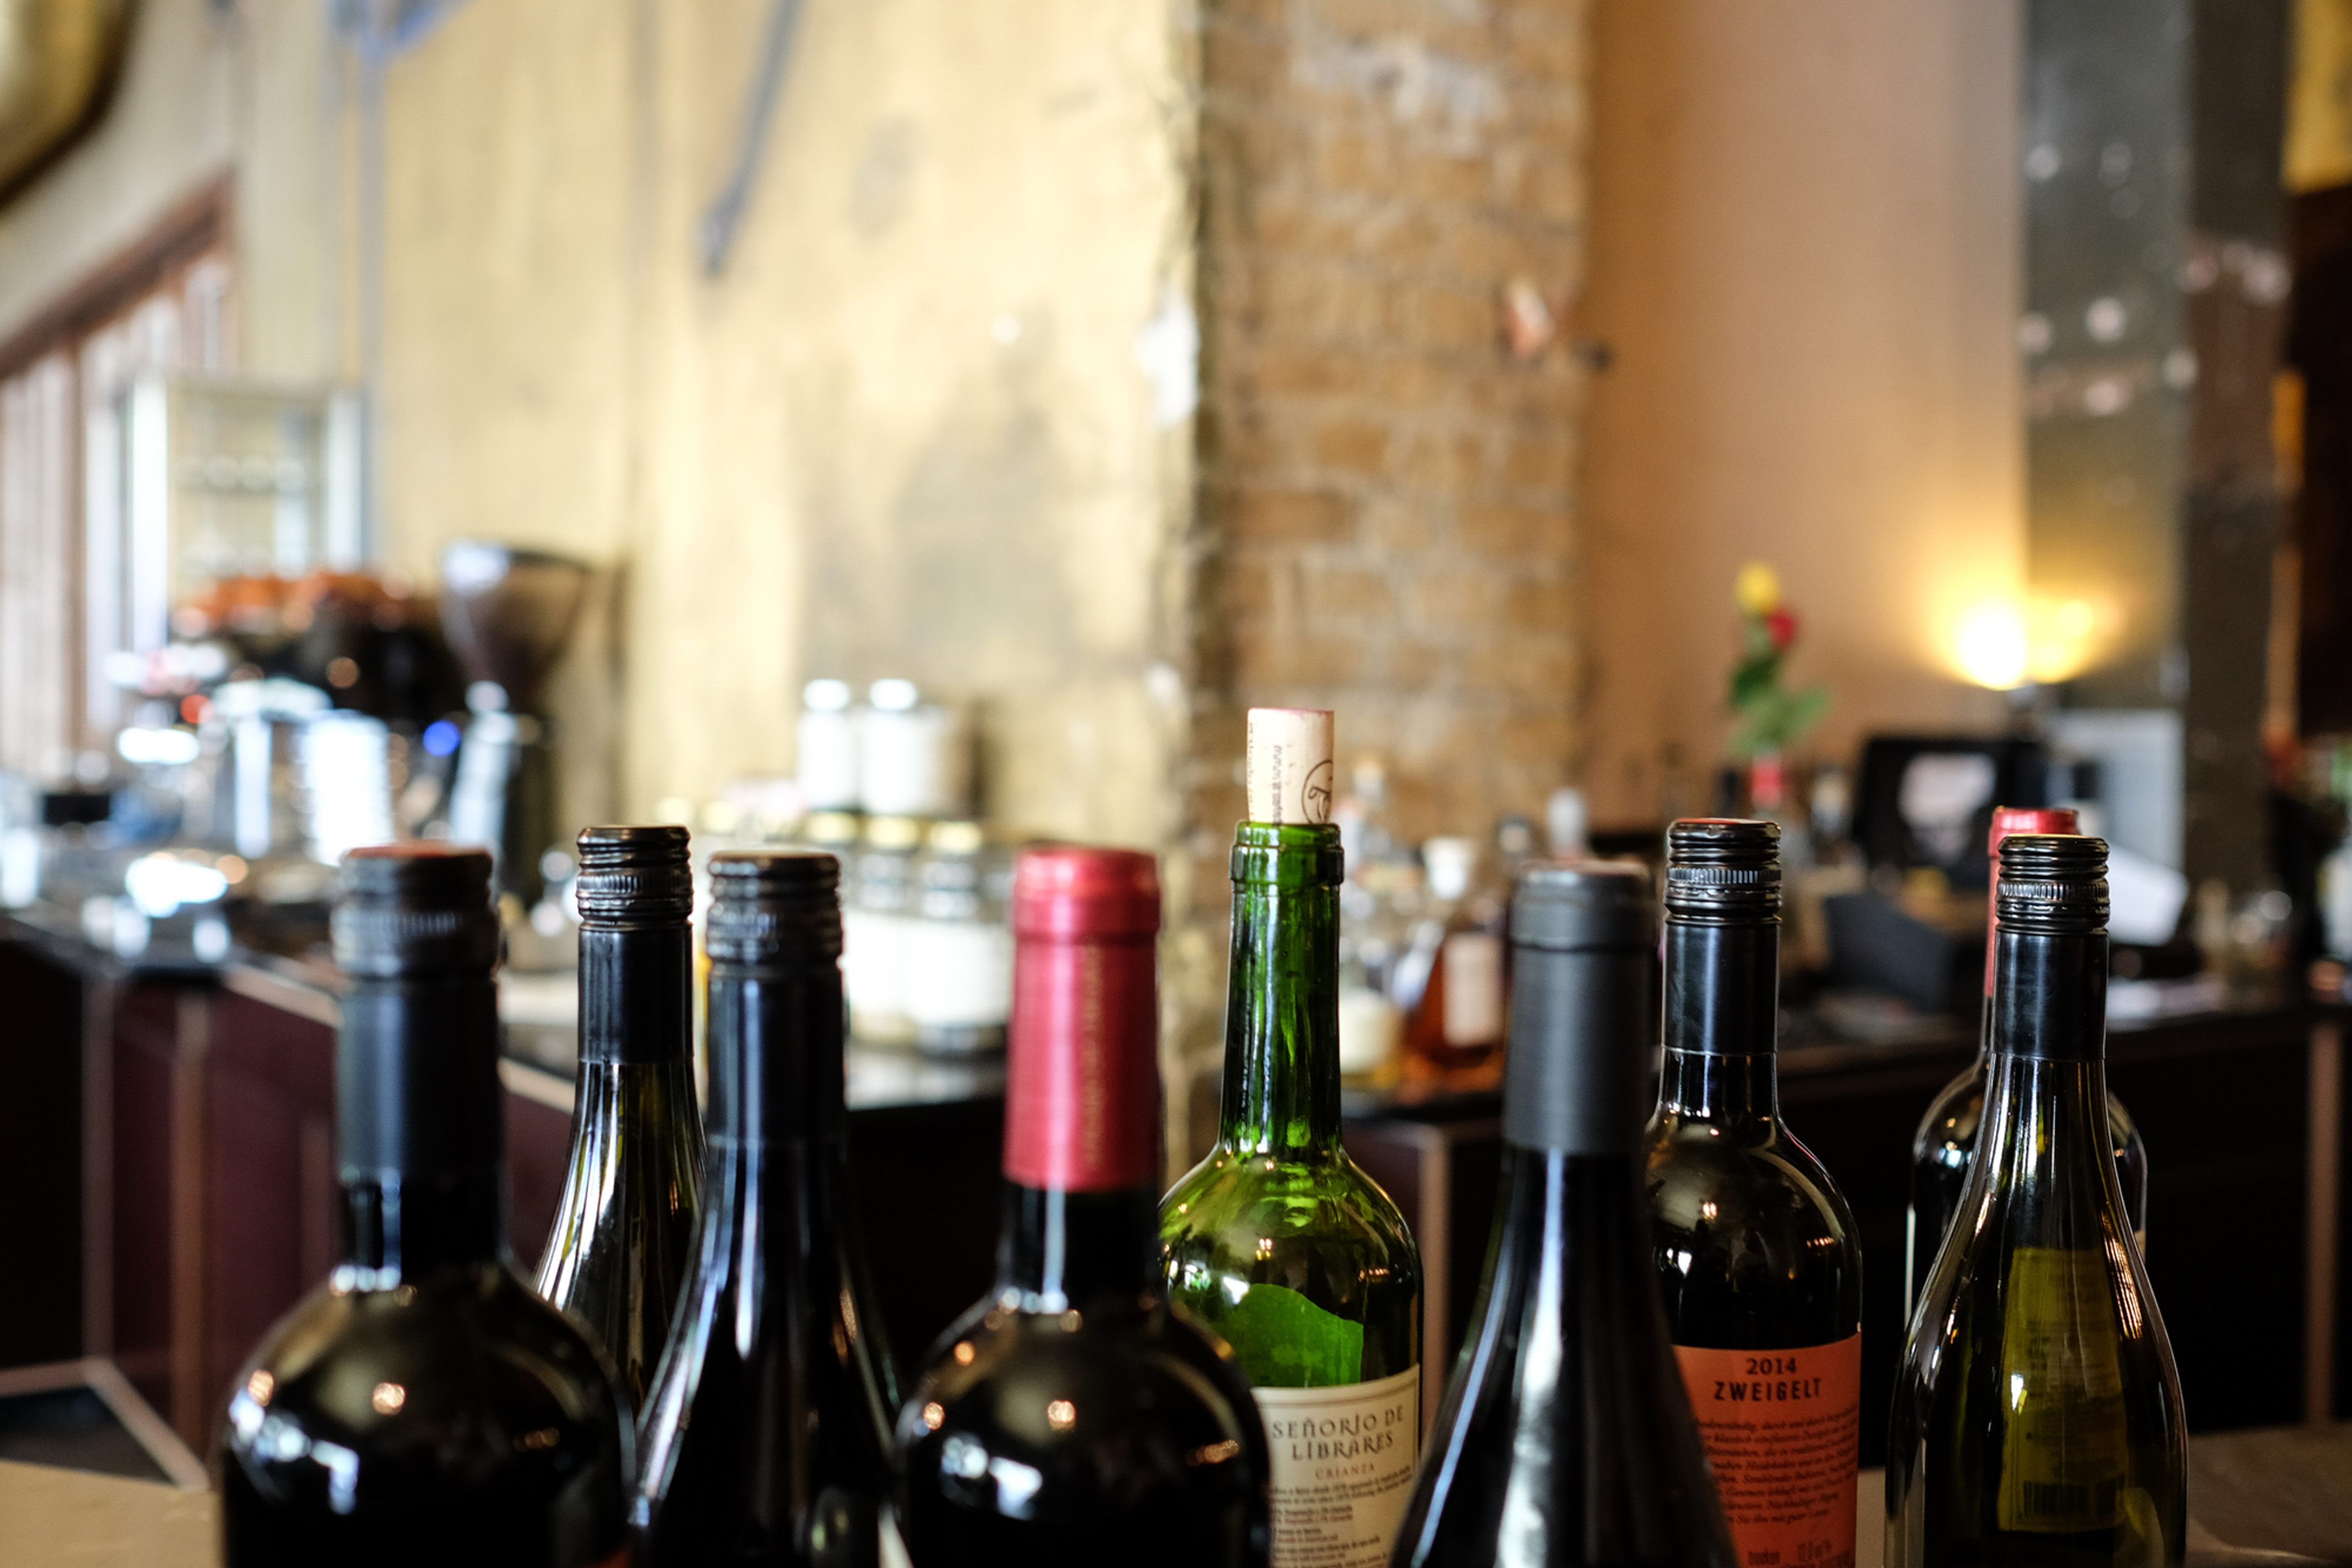 European Wine Tasting